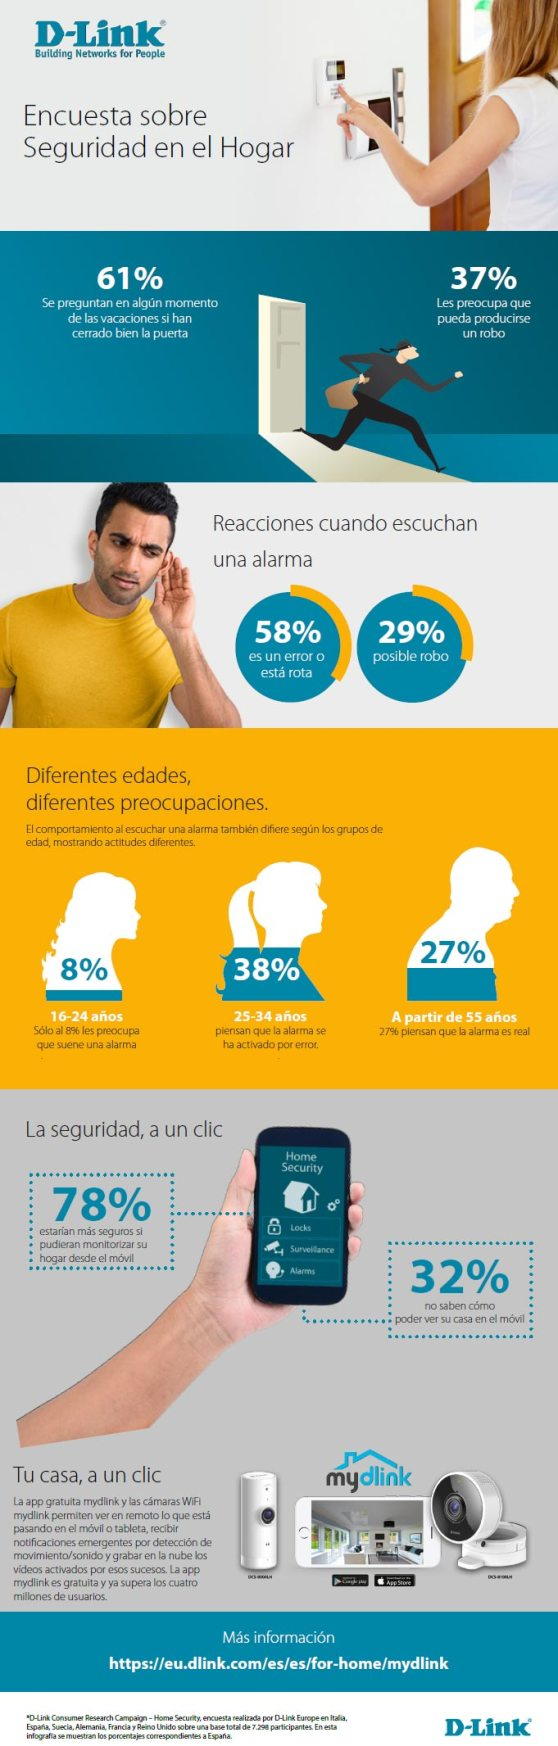 infografia_dlink-seguridad-hogar